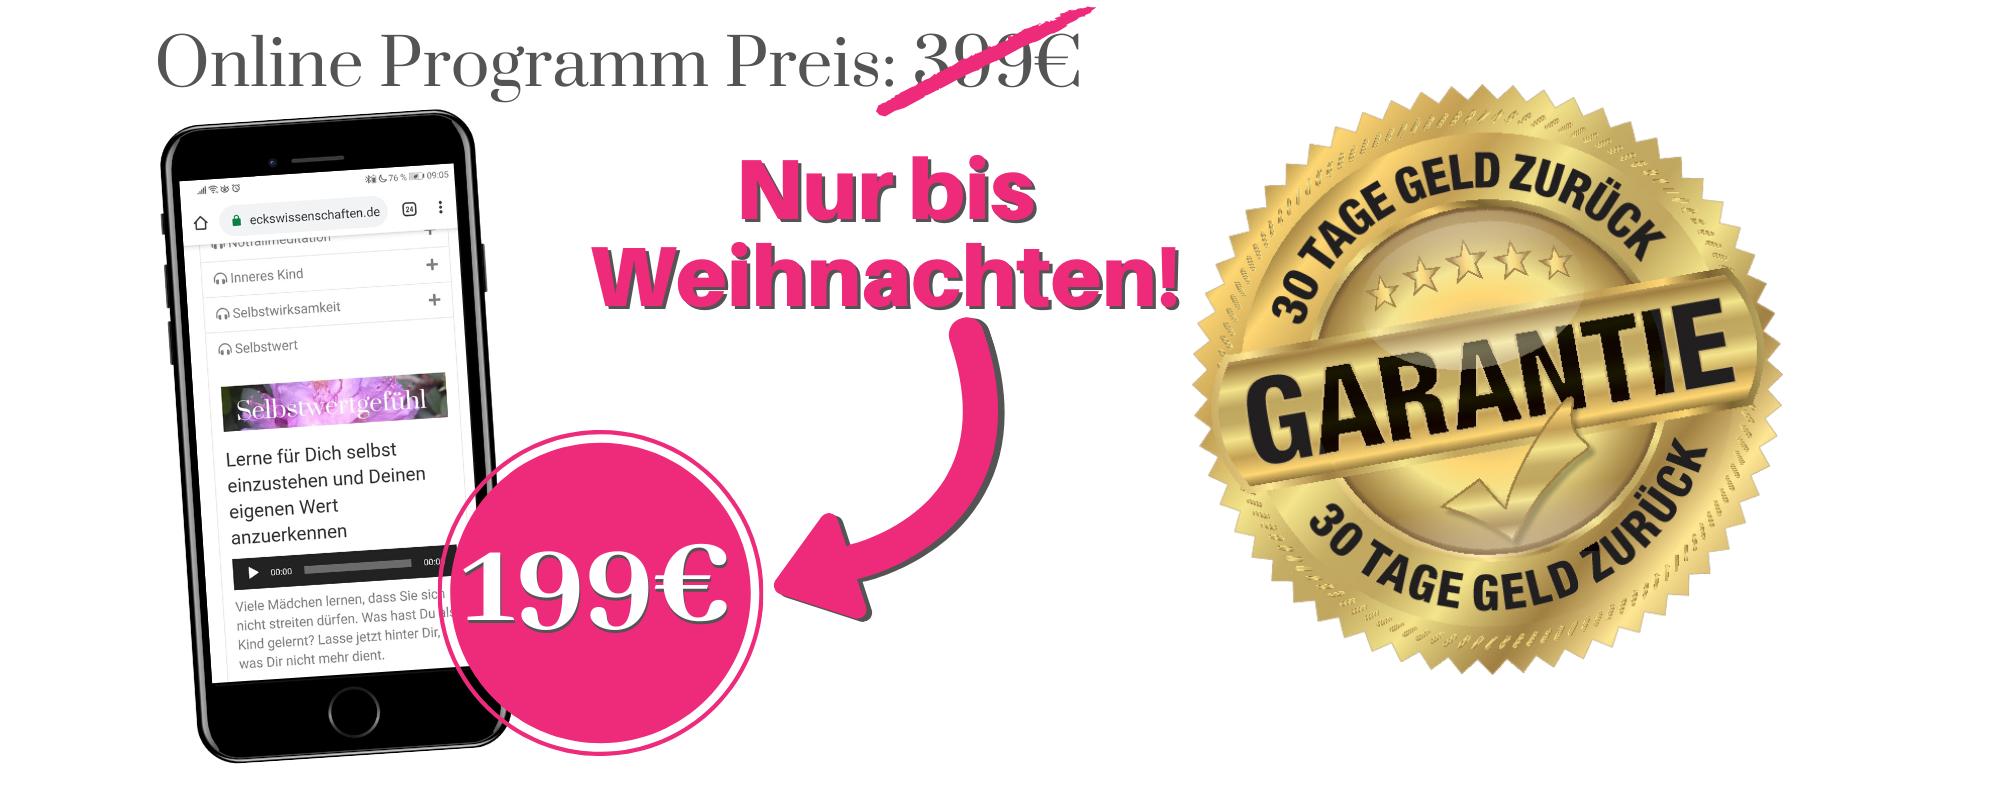 Online Programm Preis_ 399€ - Weihnachtspreis